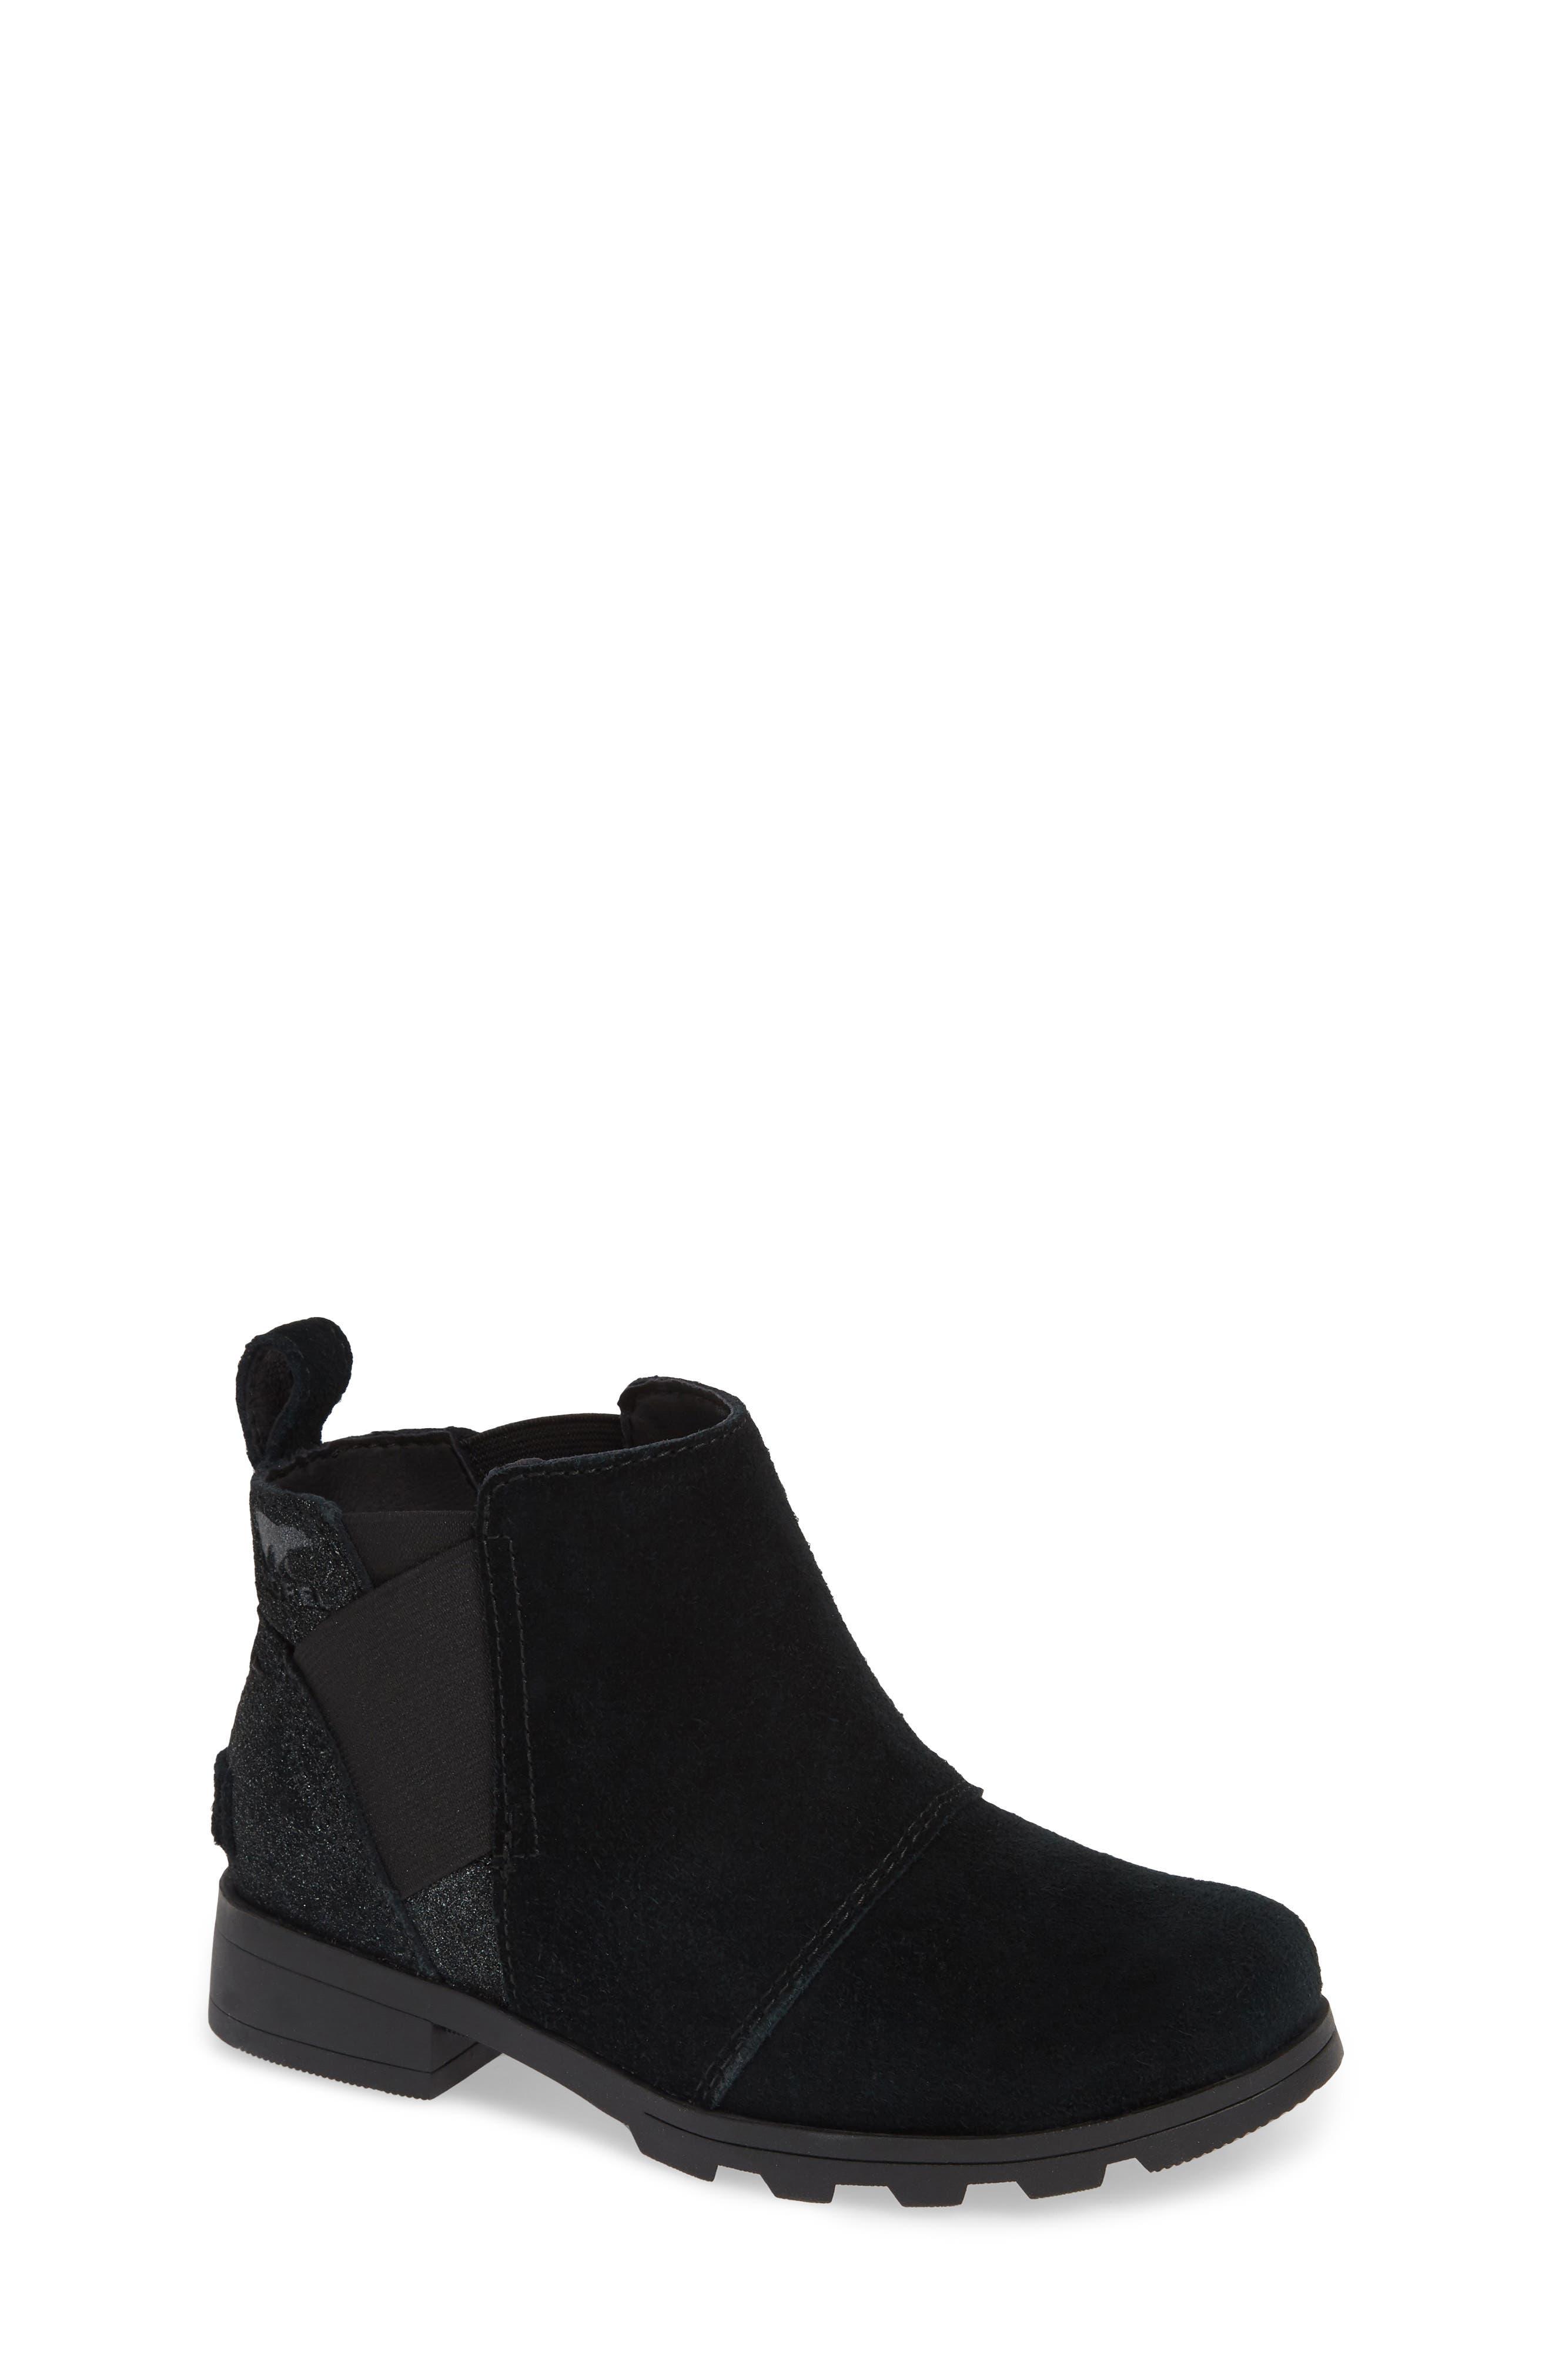 Emelie Waterproof Chelsea Boot,                         Main,                         color, BLACK